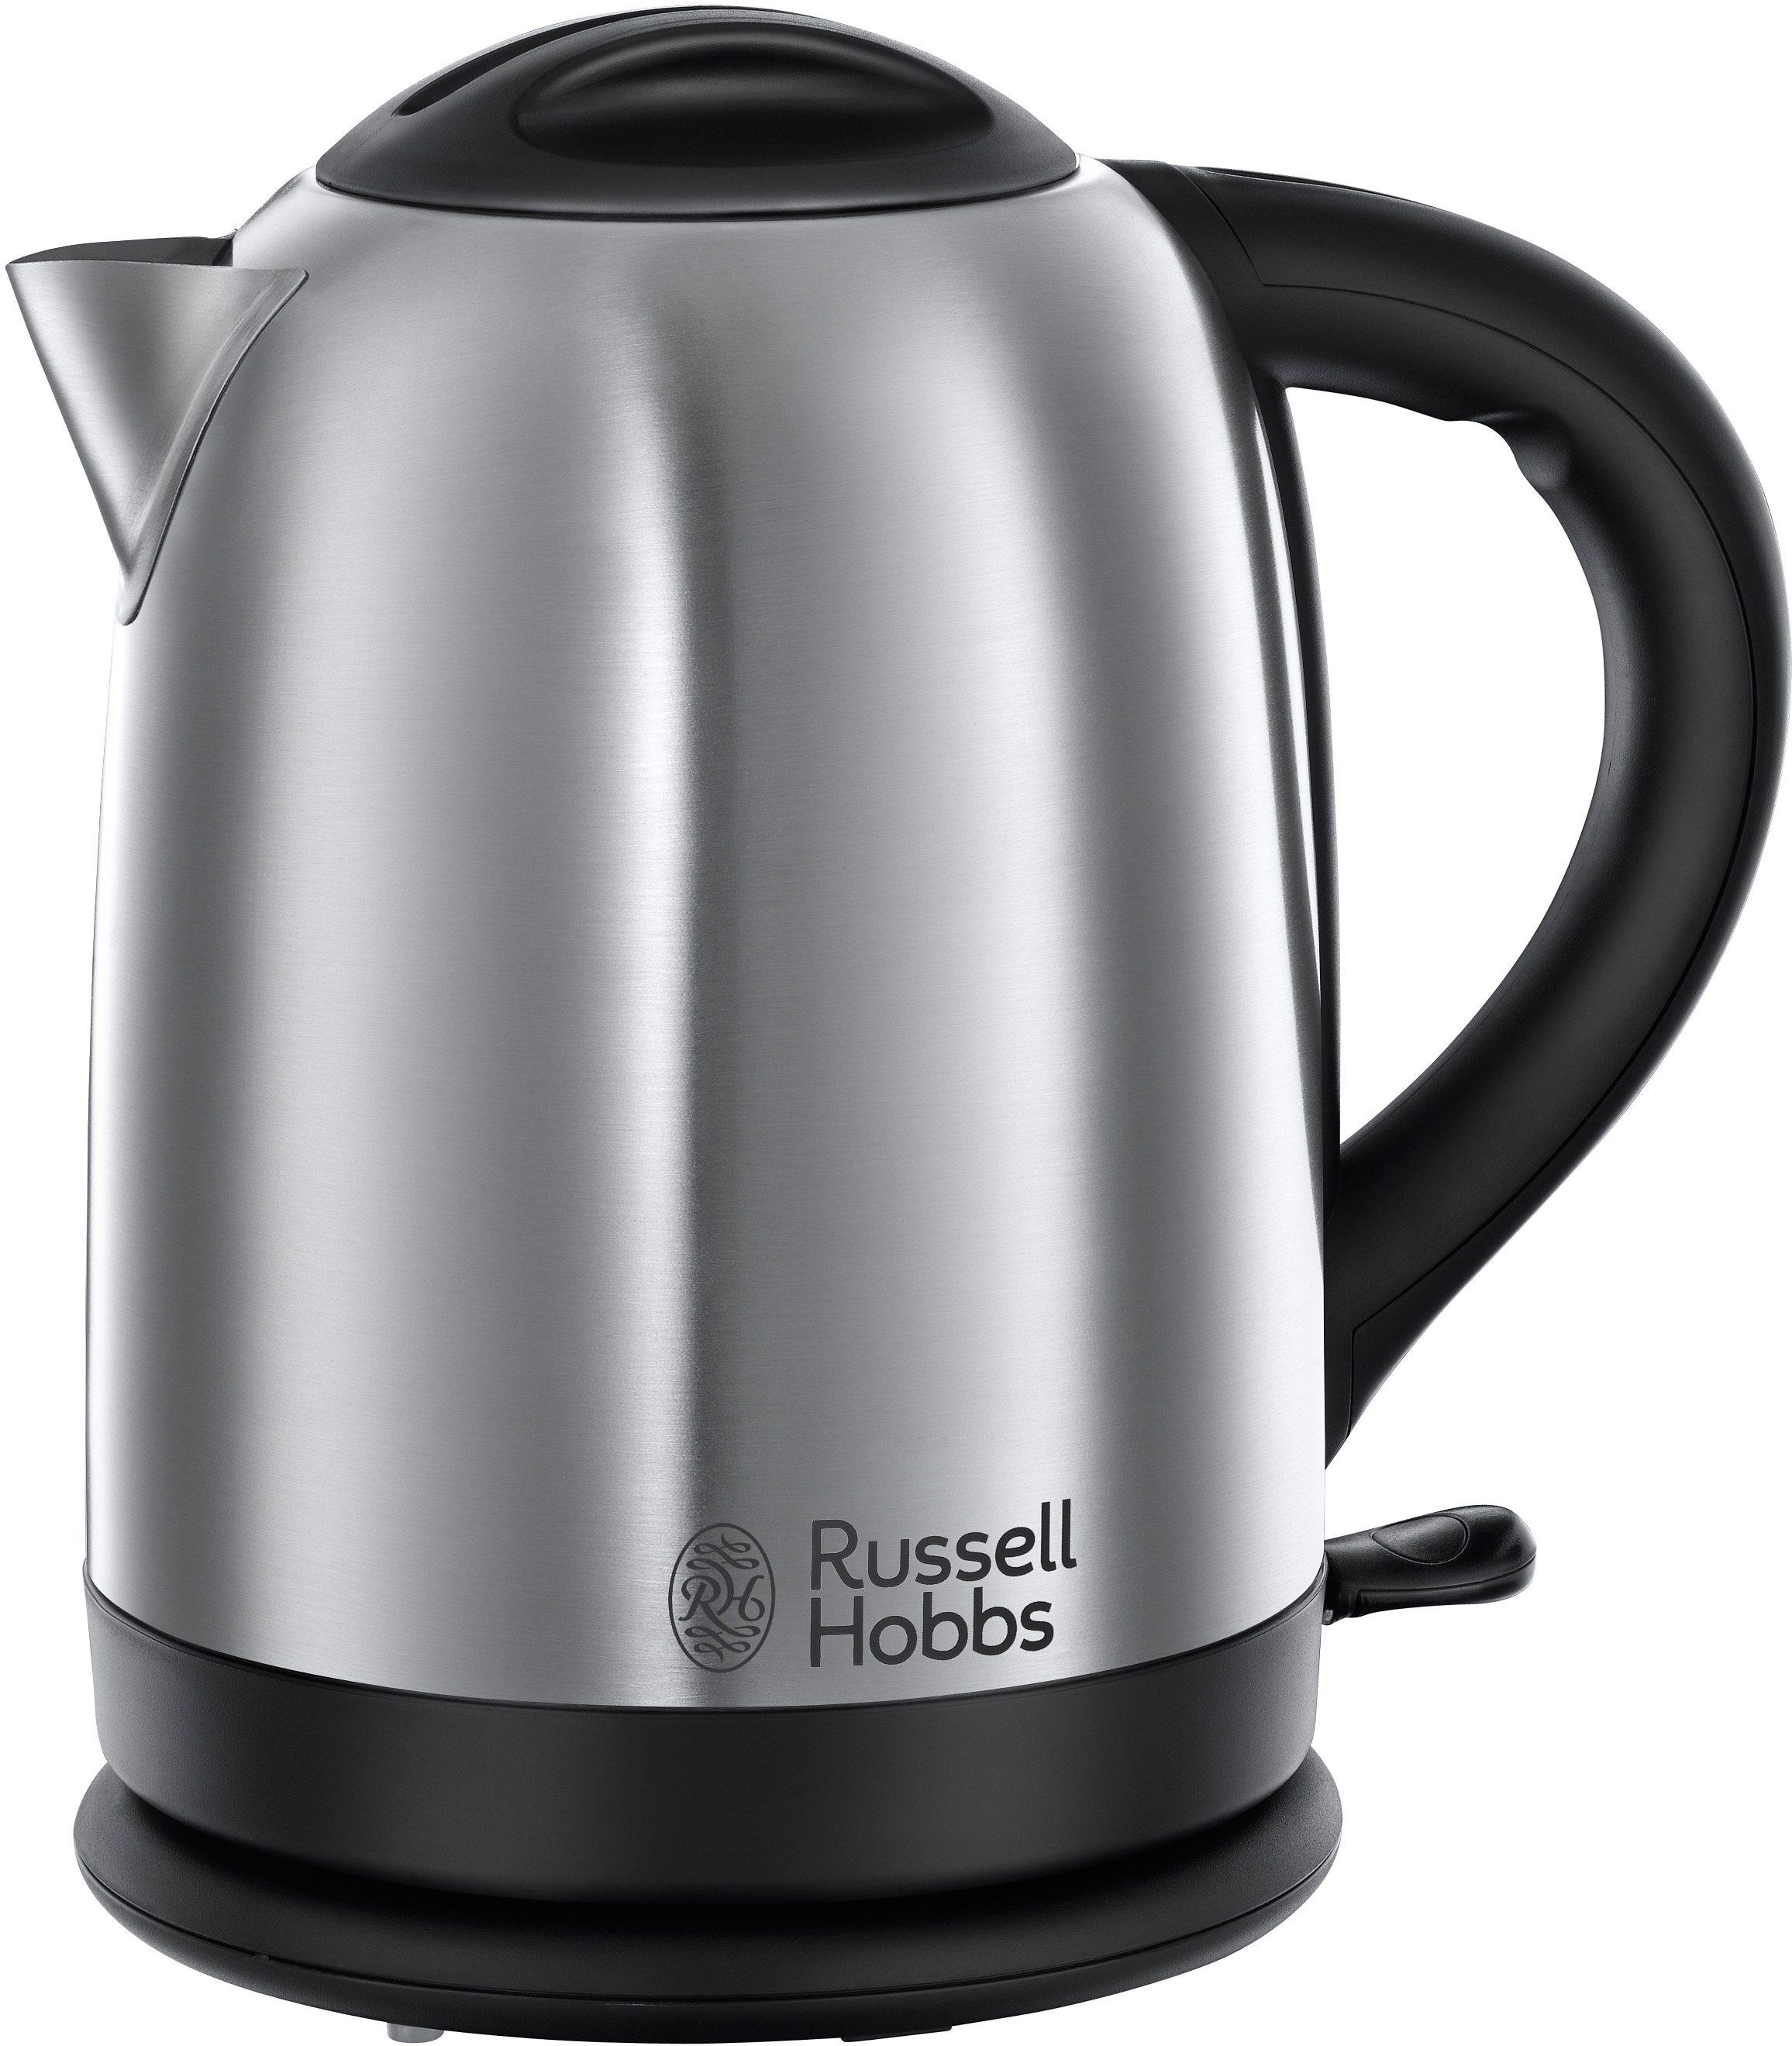 RUSSELL HOBBS Wasserkocher 20090-56, 1,7 l, 2400 W